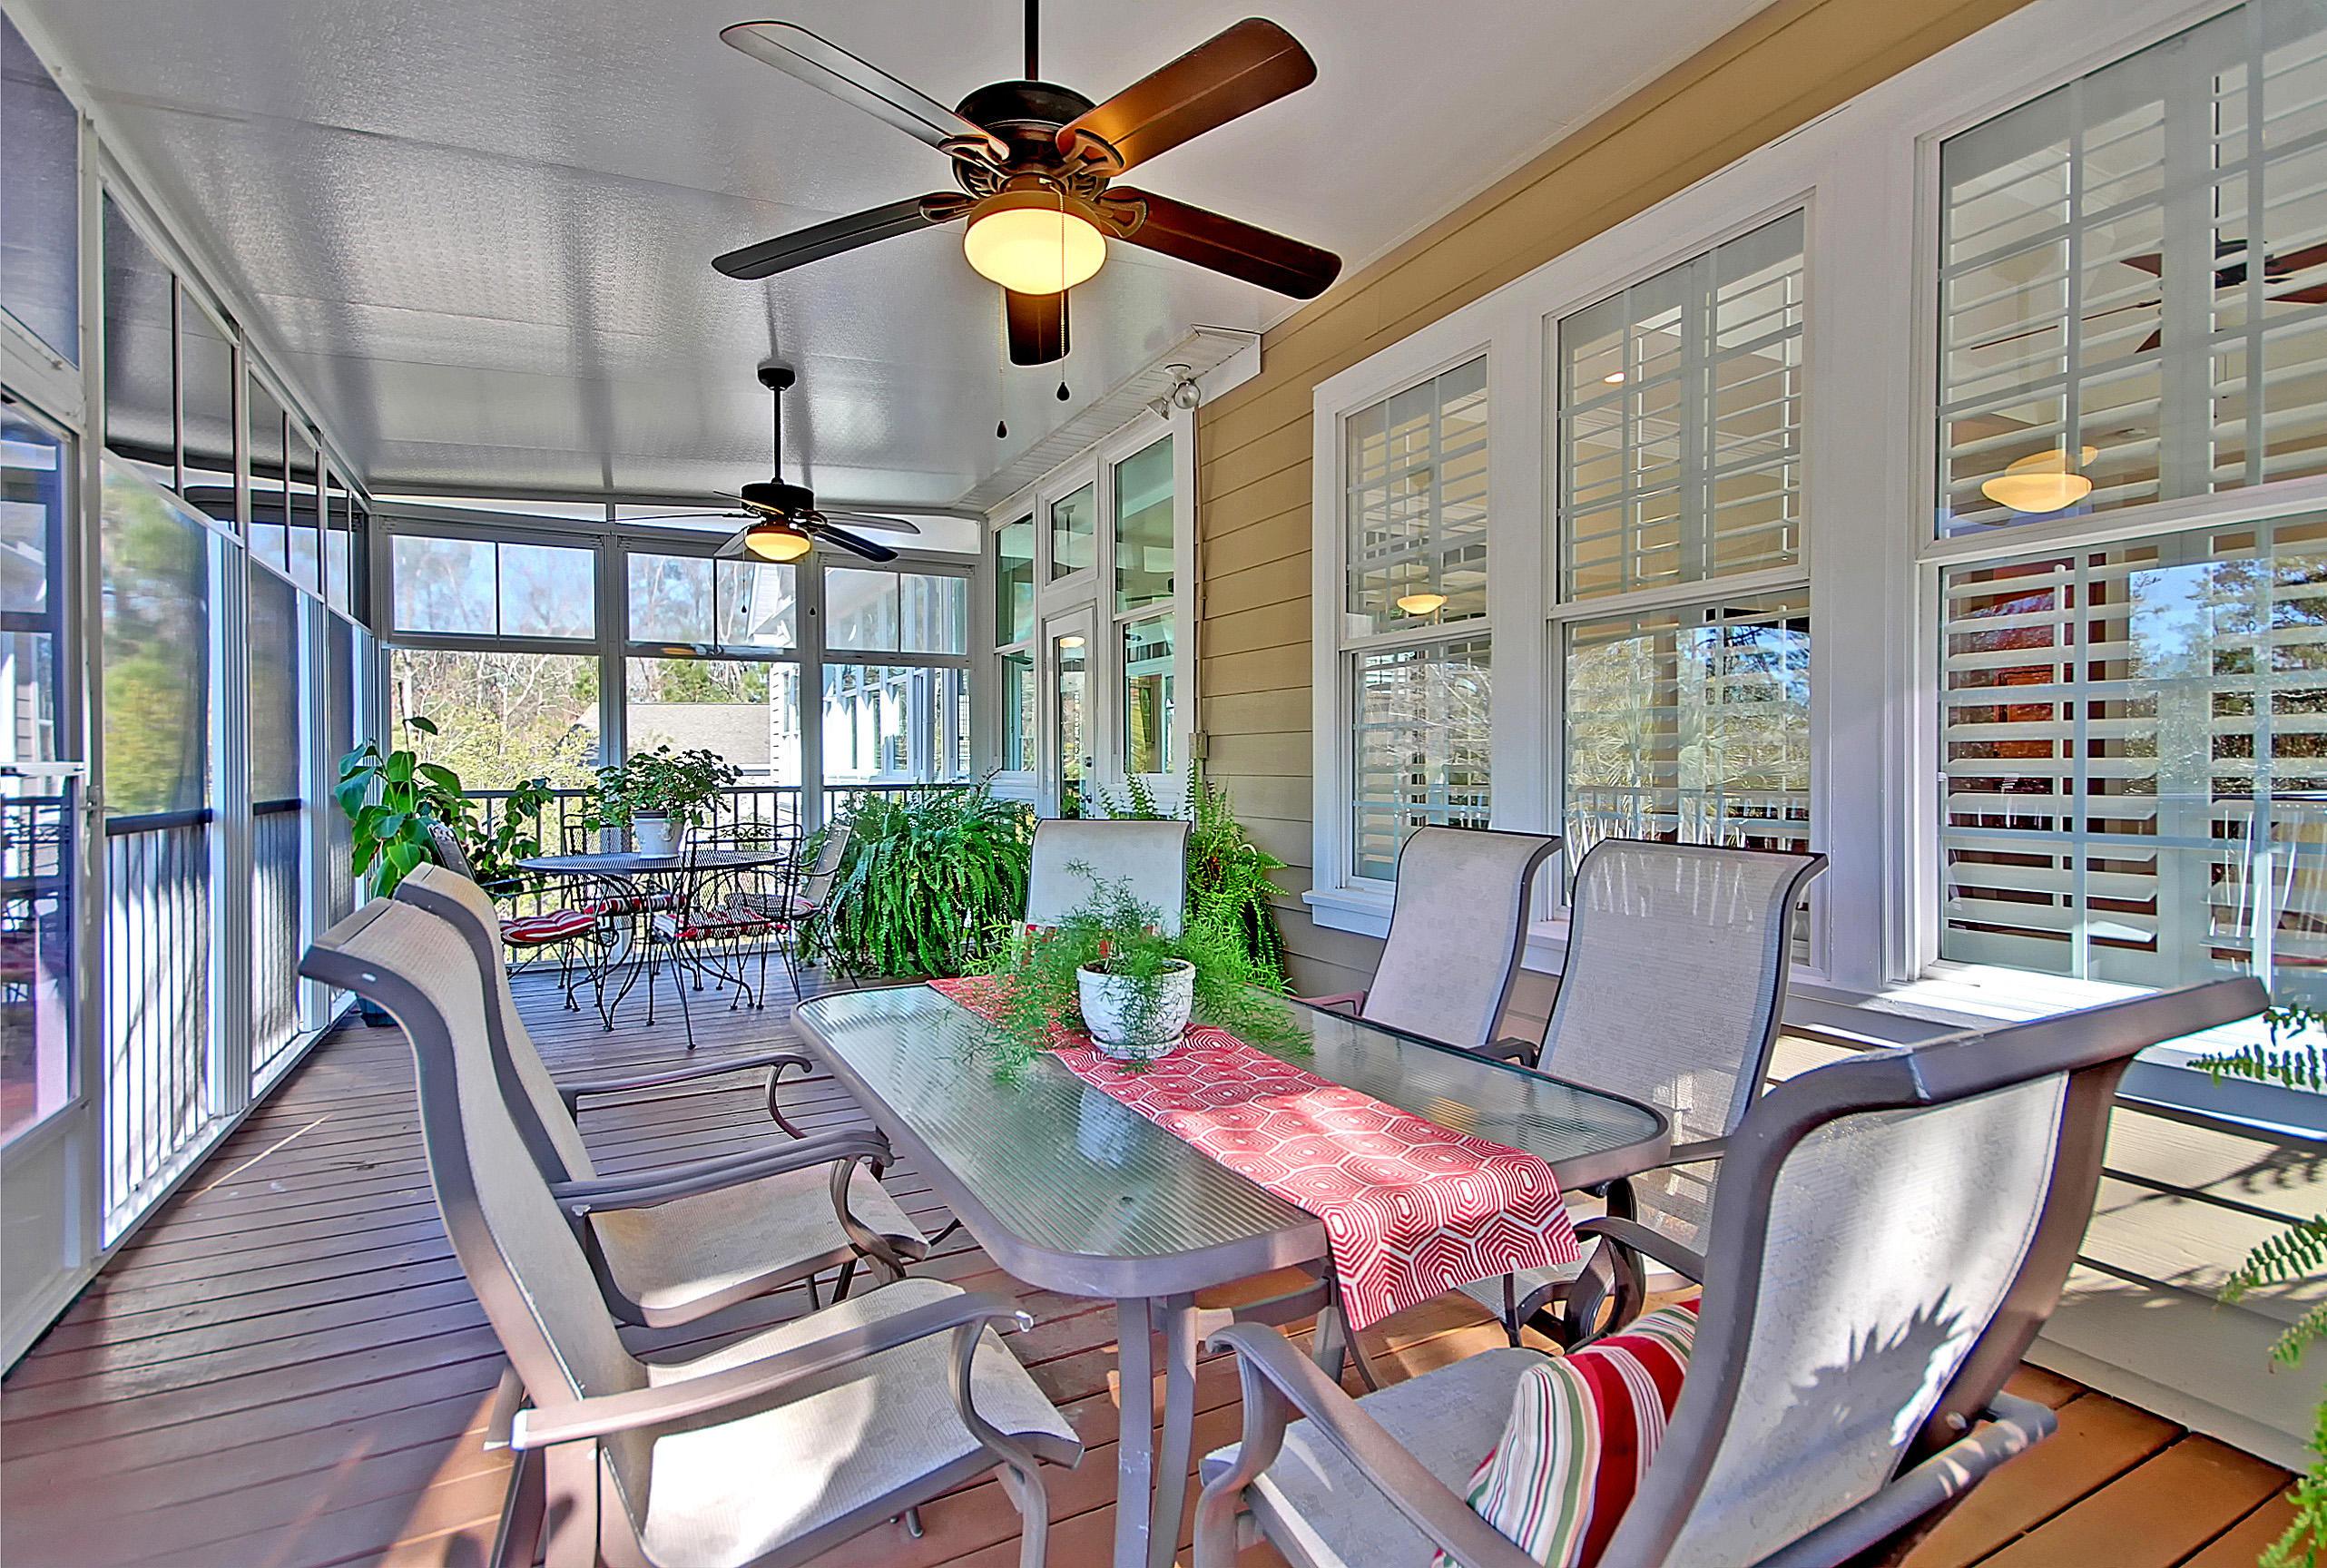 Dunes West Homes For Sale - 2721 Fountainhead, Mount Pleasant, SC - 3